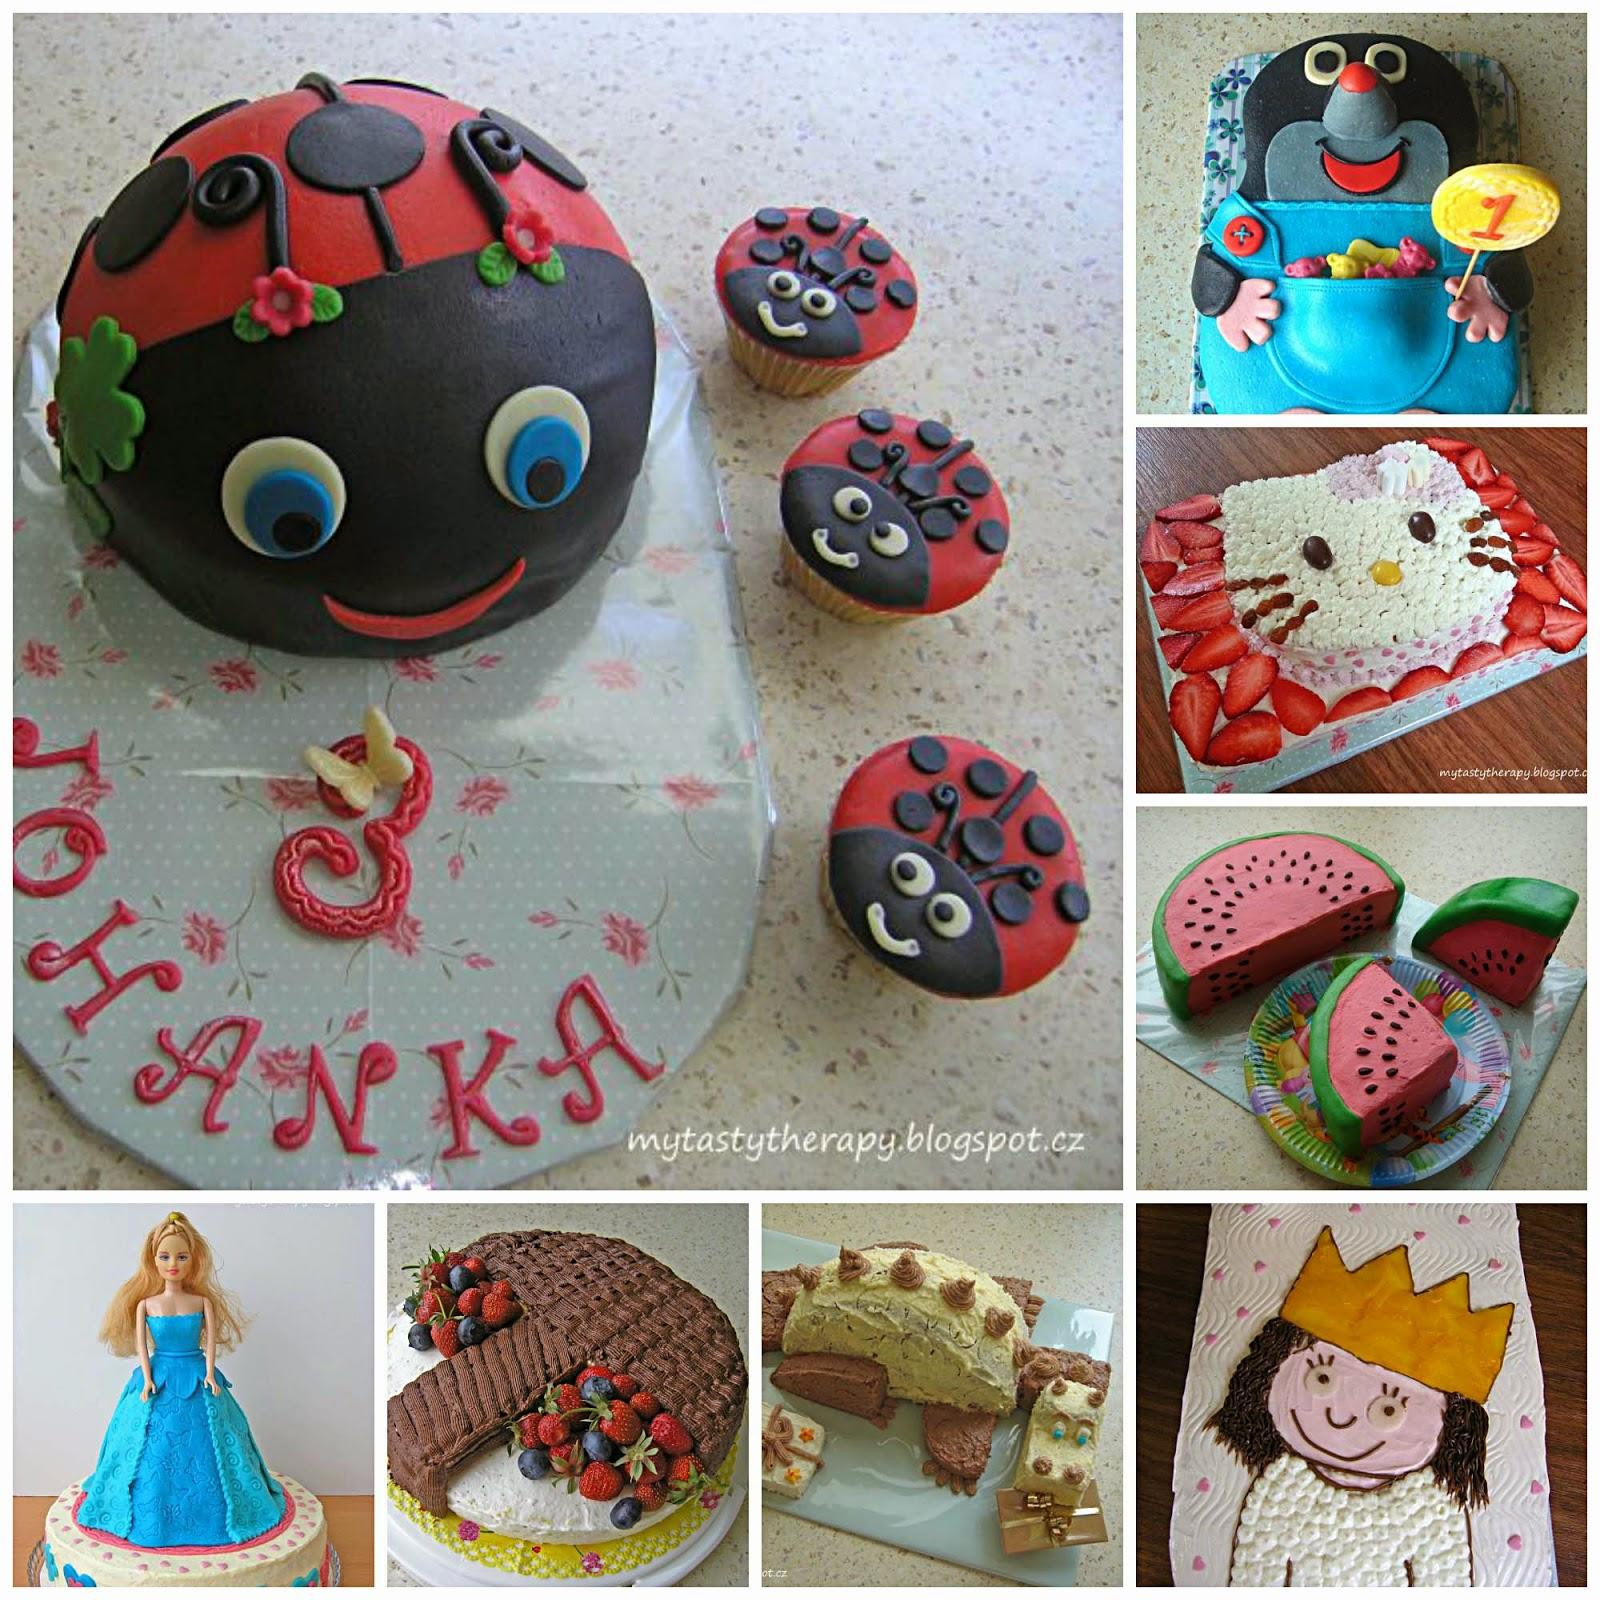 koláž s obrázky dortů na blogu tasty therapy